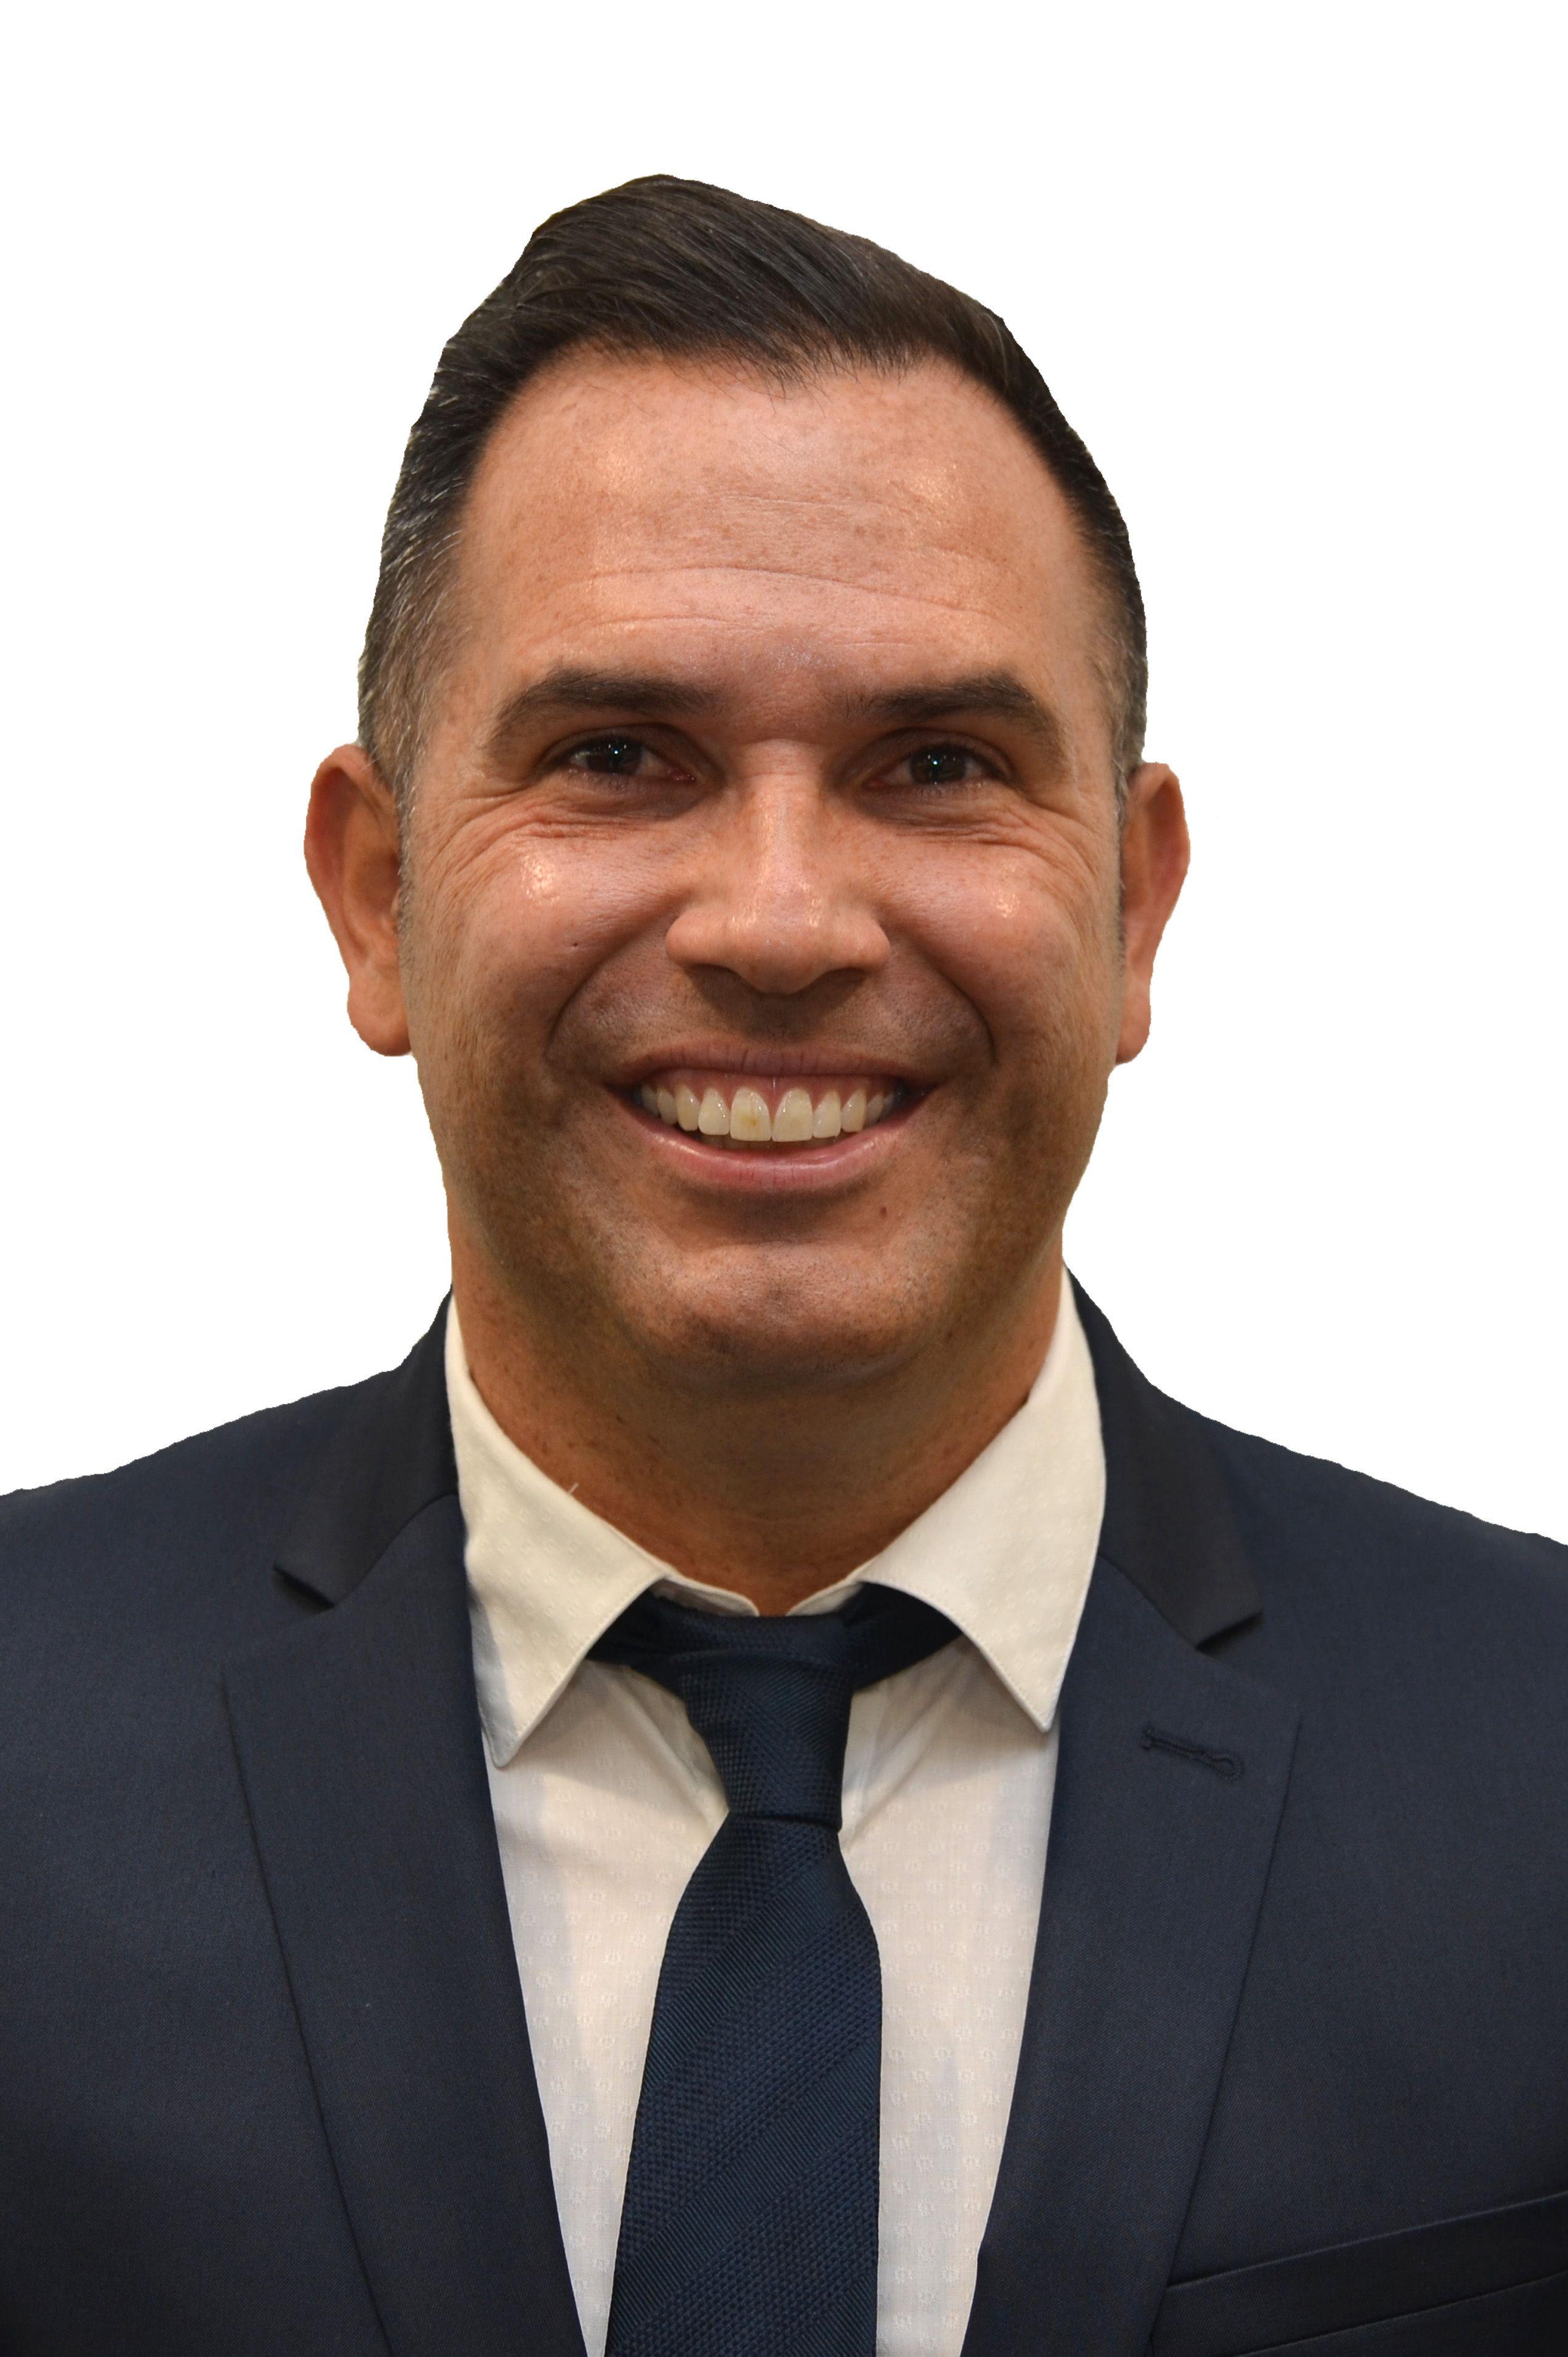 Sergio L. Alonso Fleitas